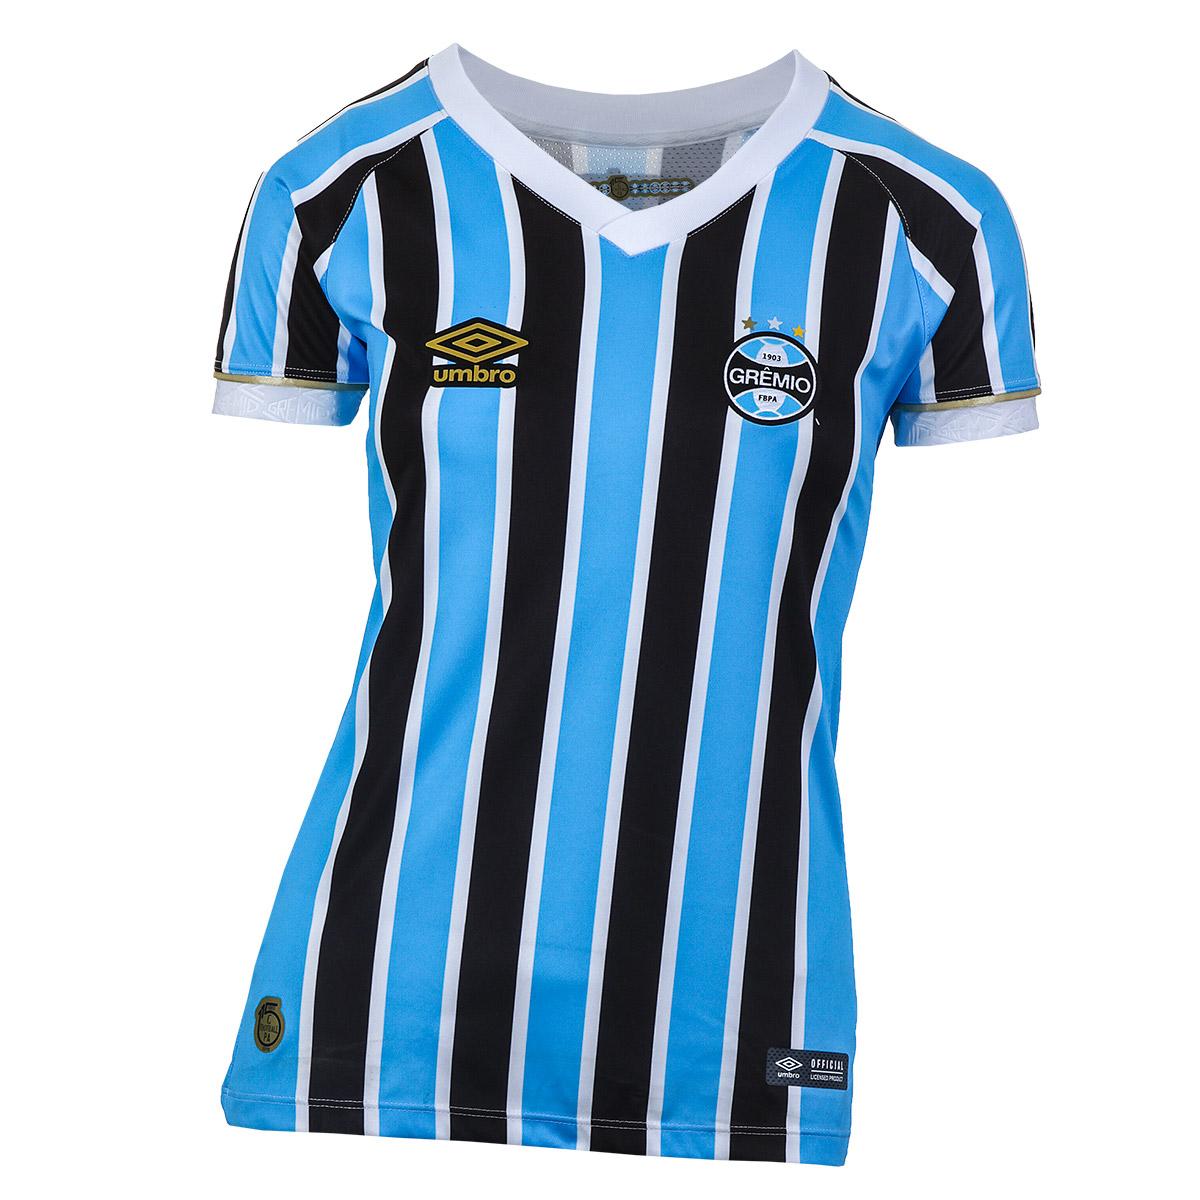 Camiseta Fem. Umbro Gremio Of.1 2018 Futebol - Azul/Preto